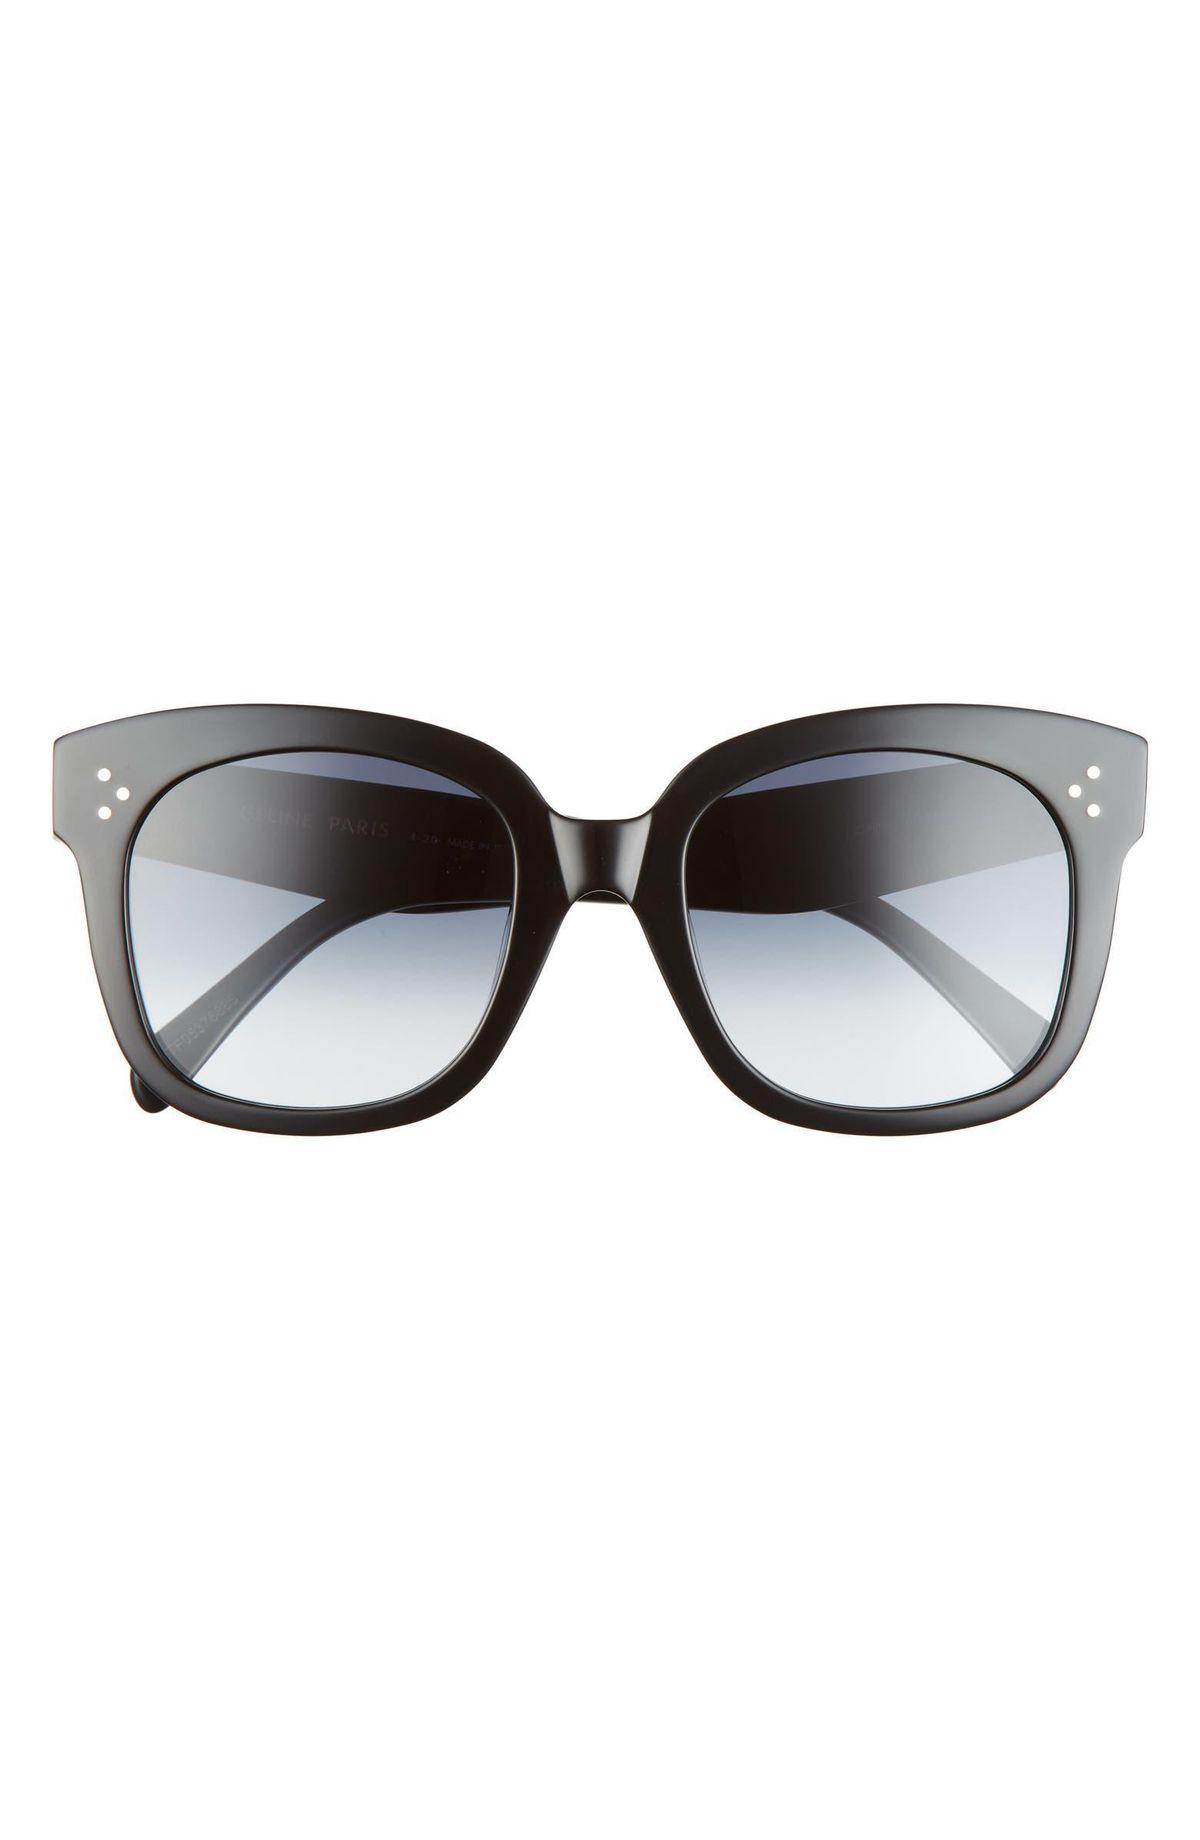 54mm Gradient Square Sunglasses